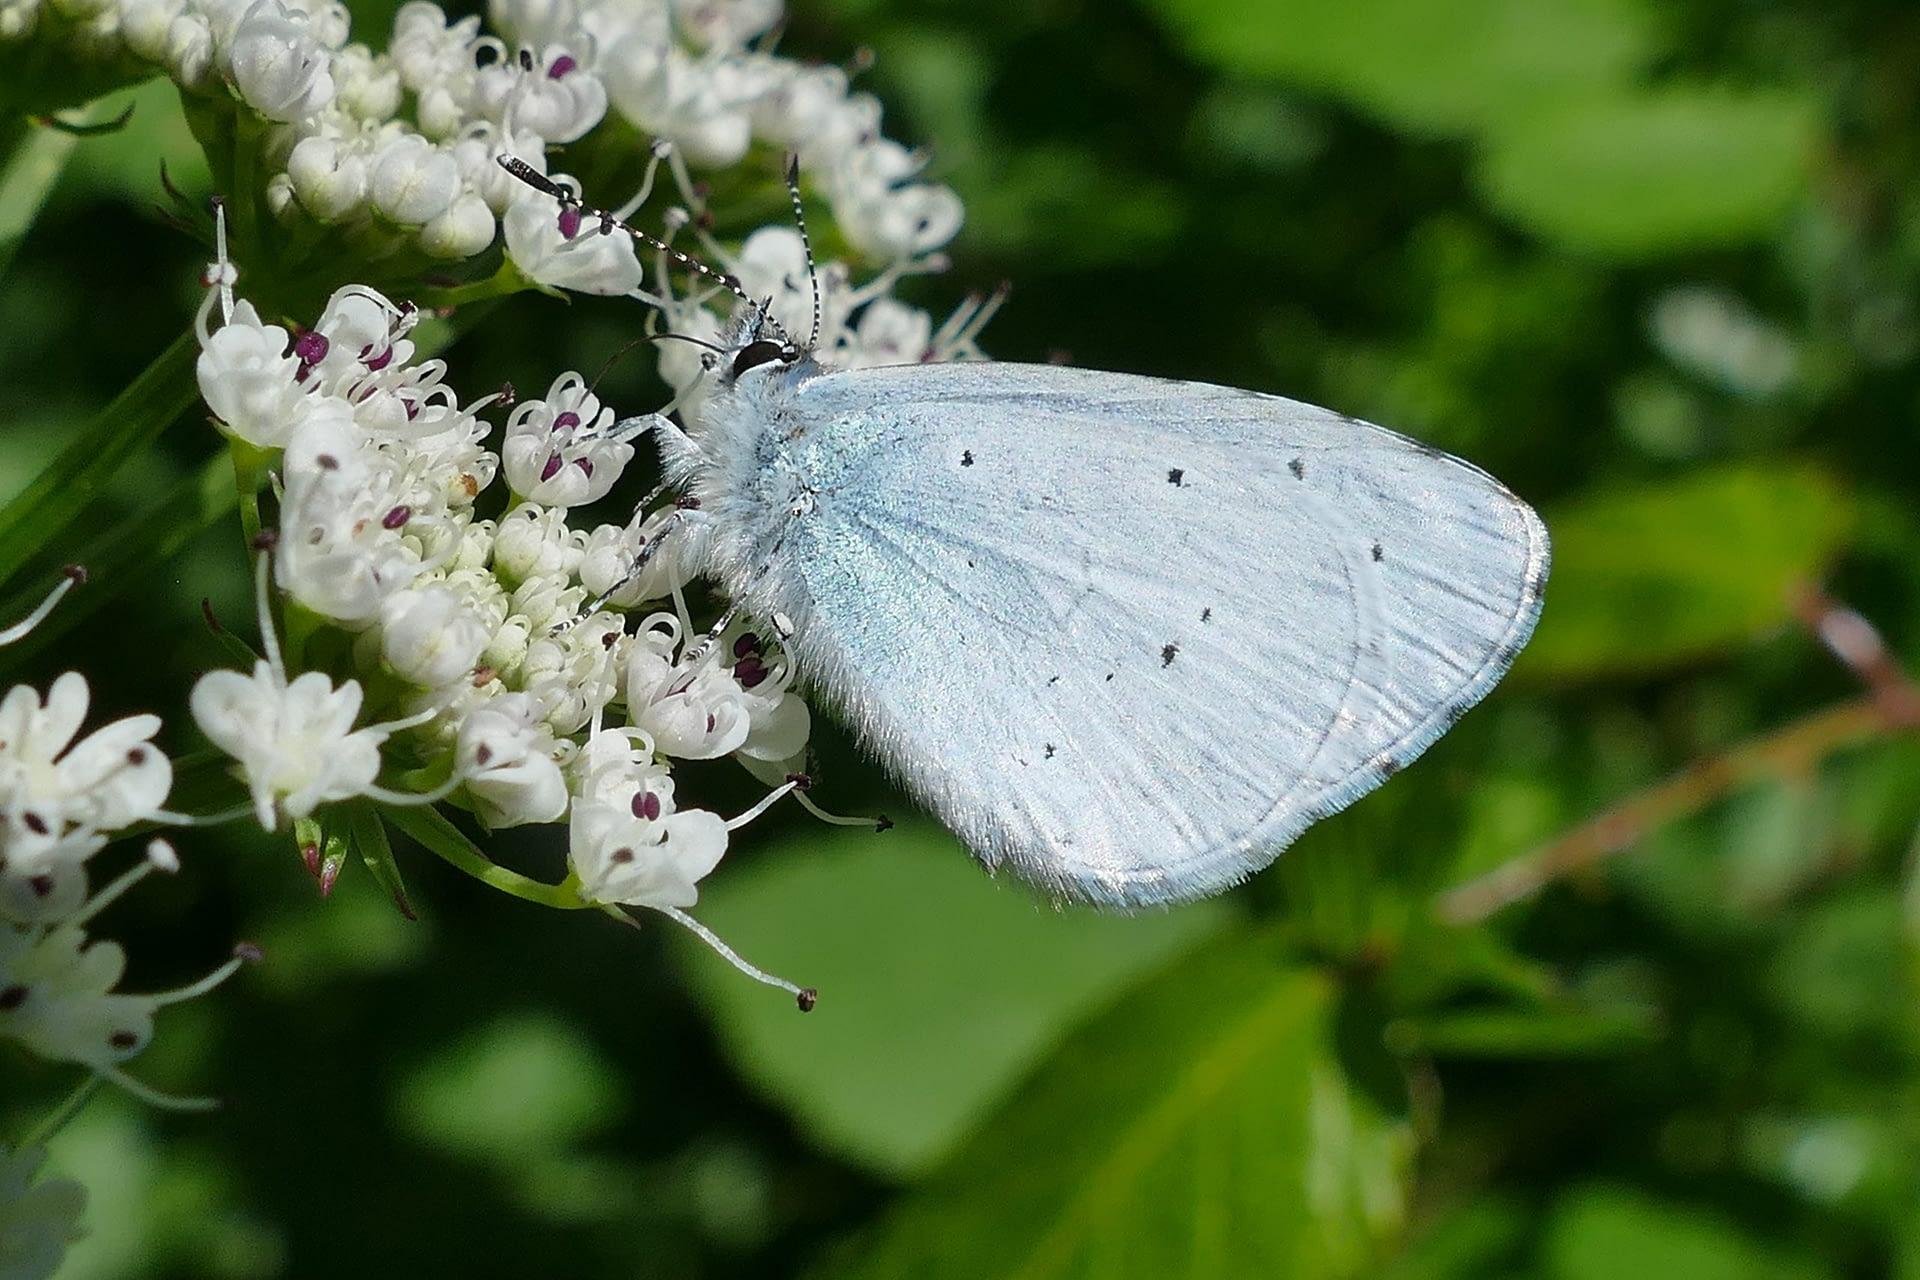 La Náyade, Celastrina argiolus (Lepidoptera: náyade (Celastrina argiolus) visita una inflorescencia de nabo del diablo, Oenanthe crocata.